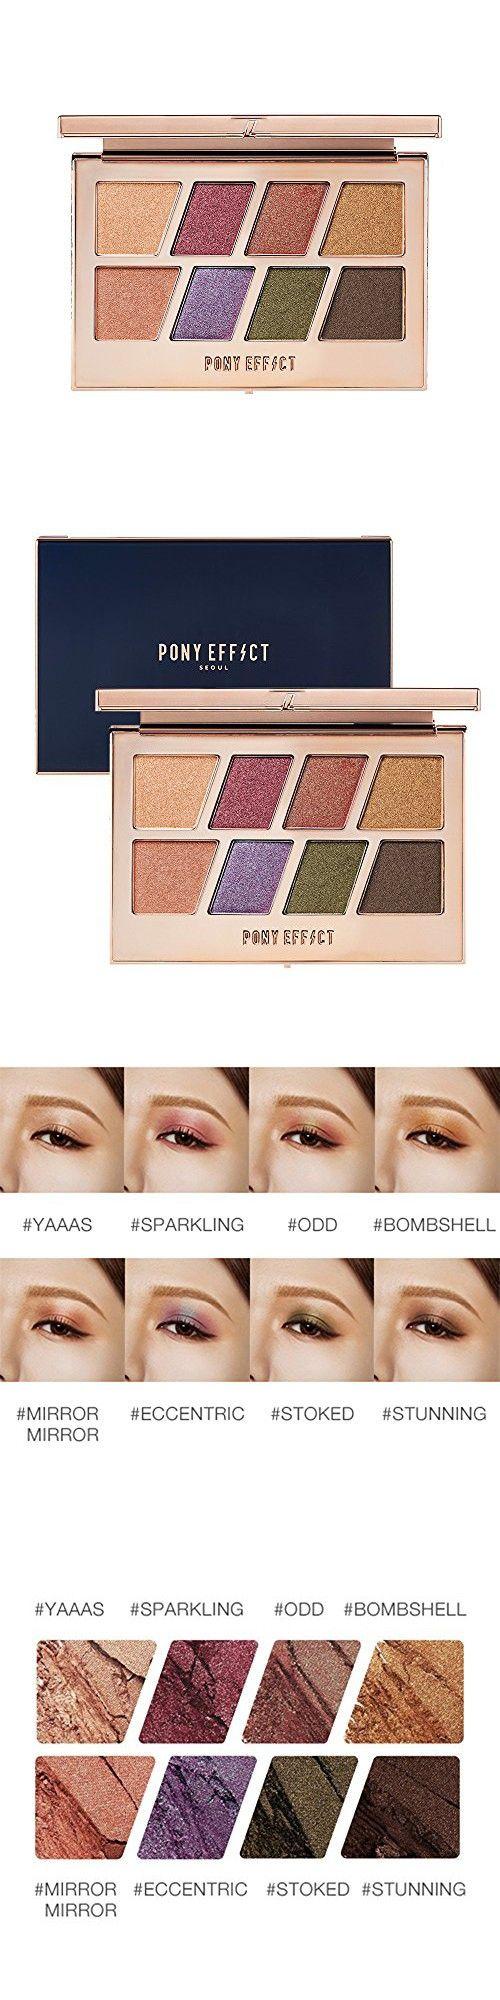 PONY EFFECT Master Eye Palette (Duochrome Shimmer) 11g, 4